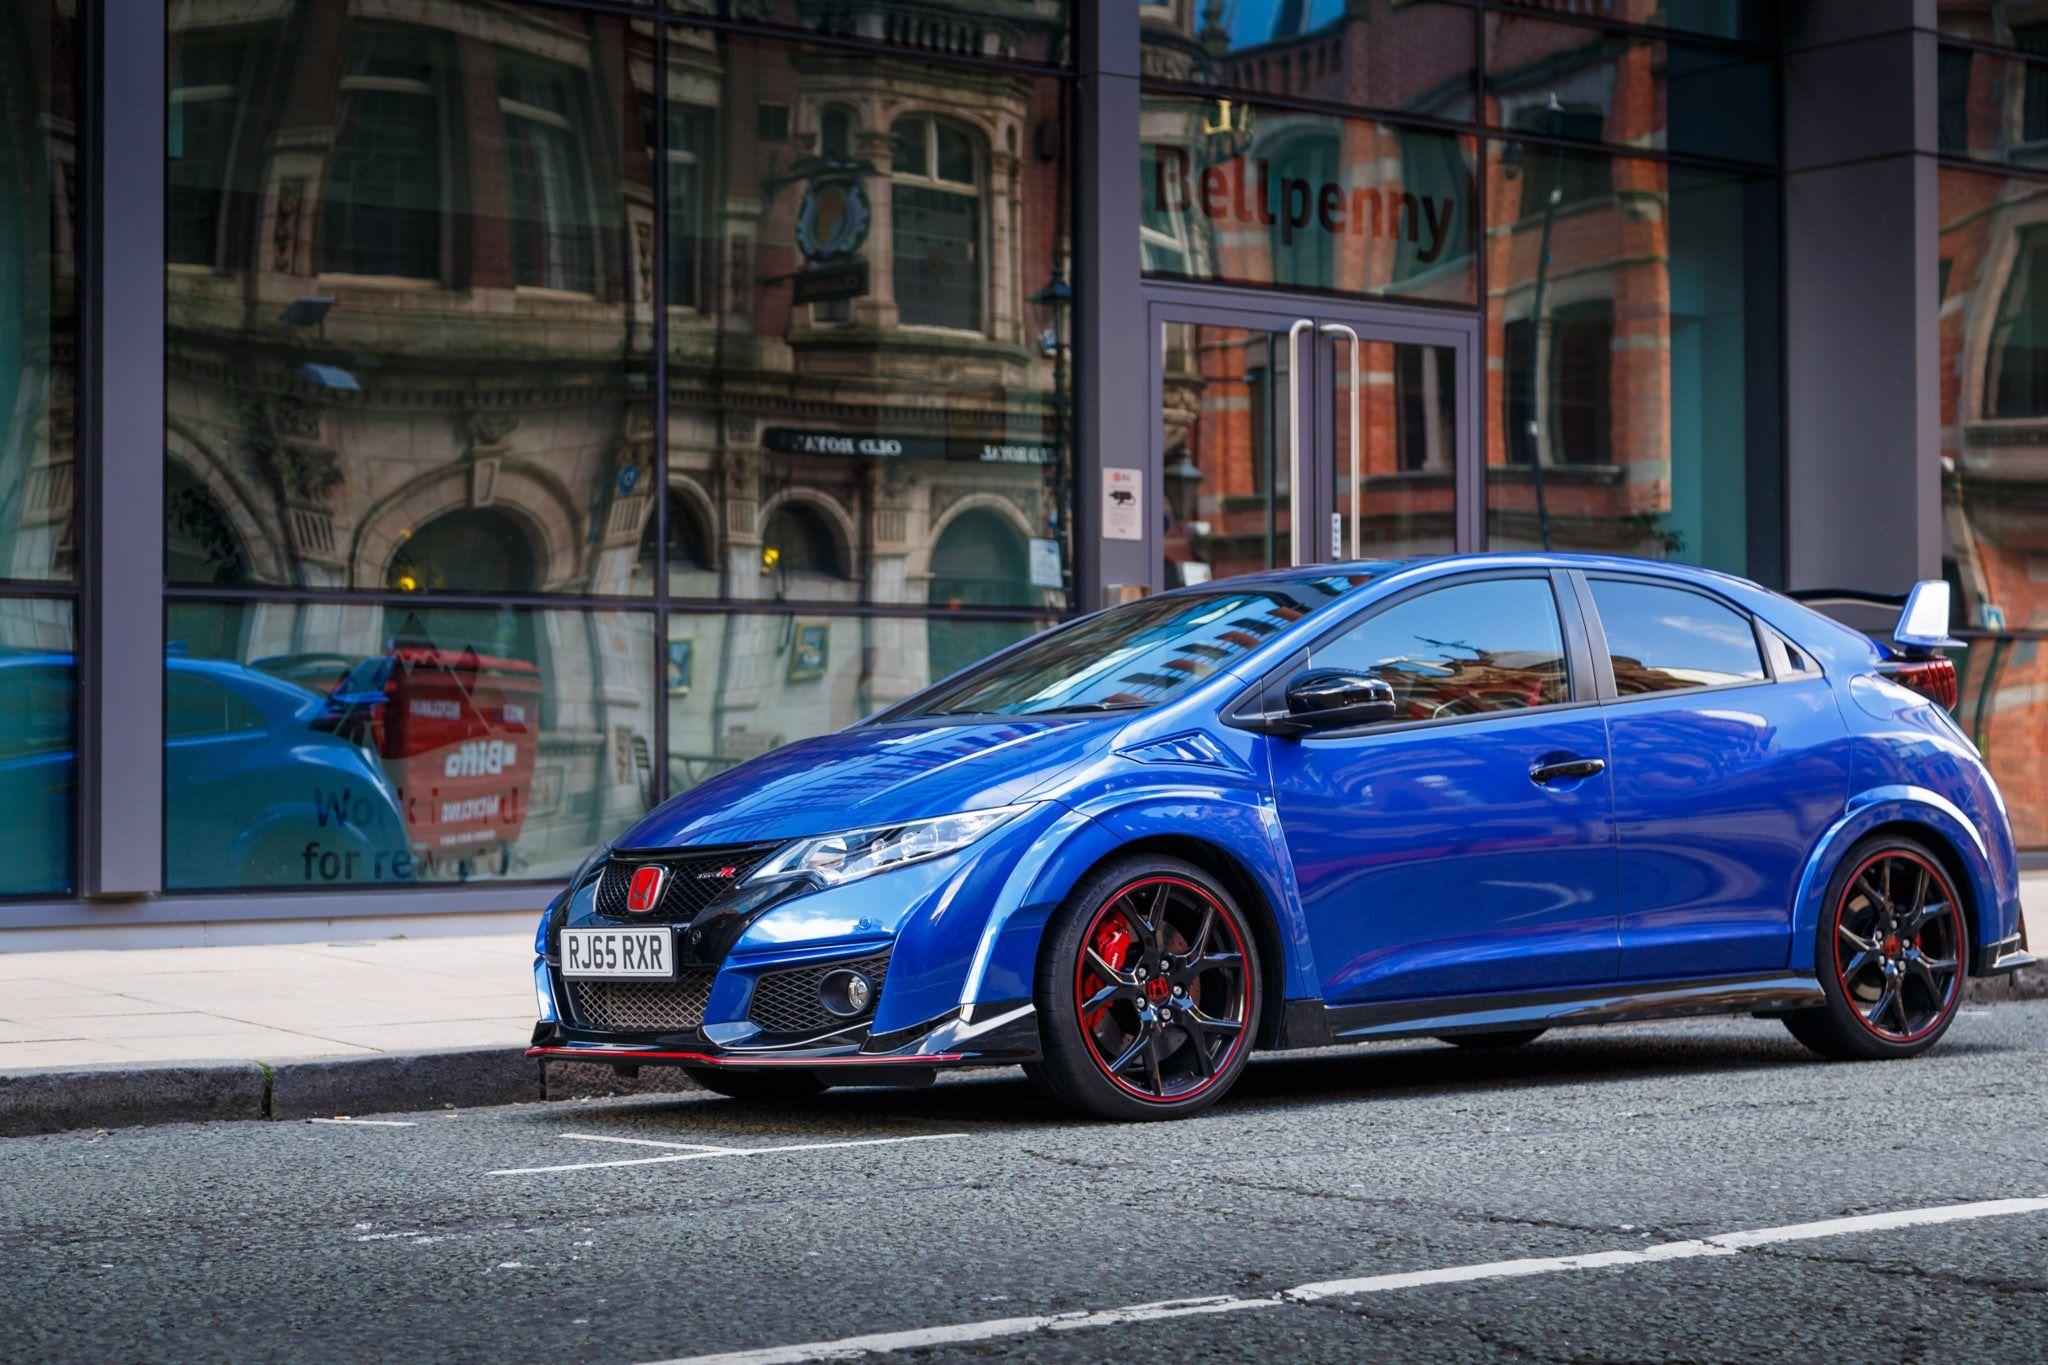 Honda Civic Type R Wallpaper Desktop Gea · Cars Desktop